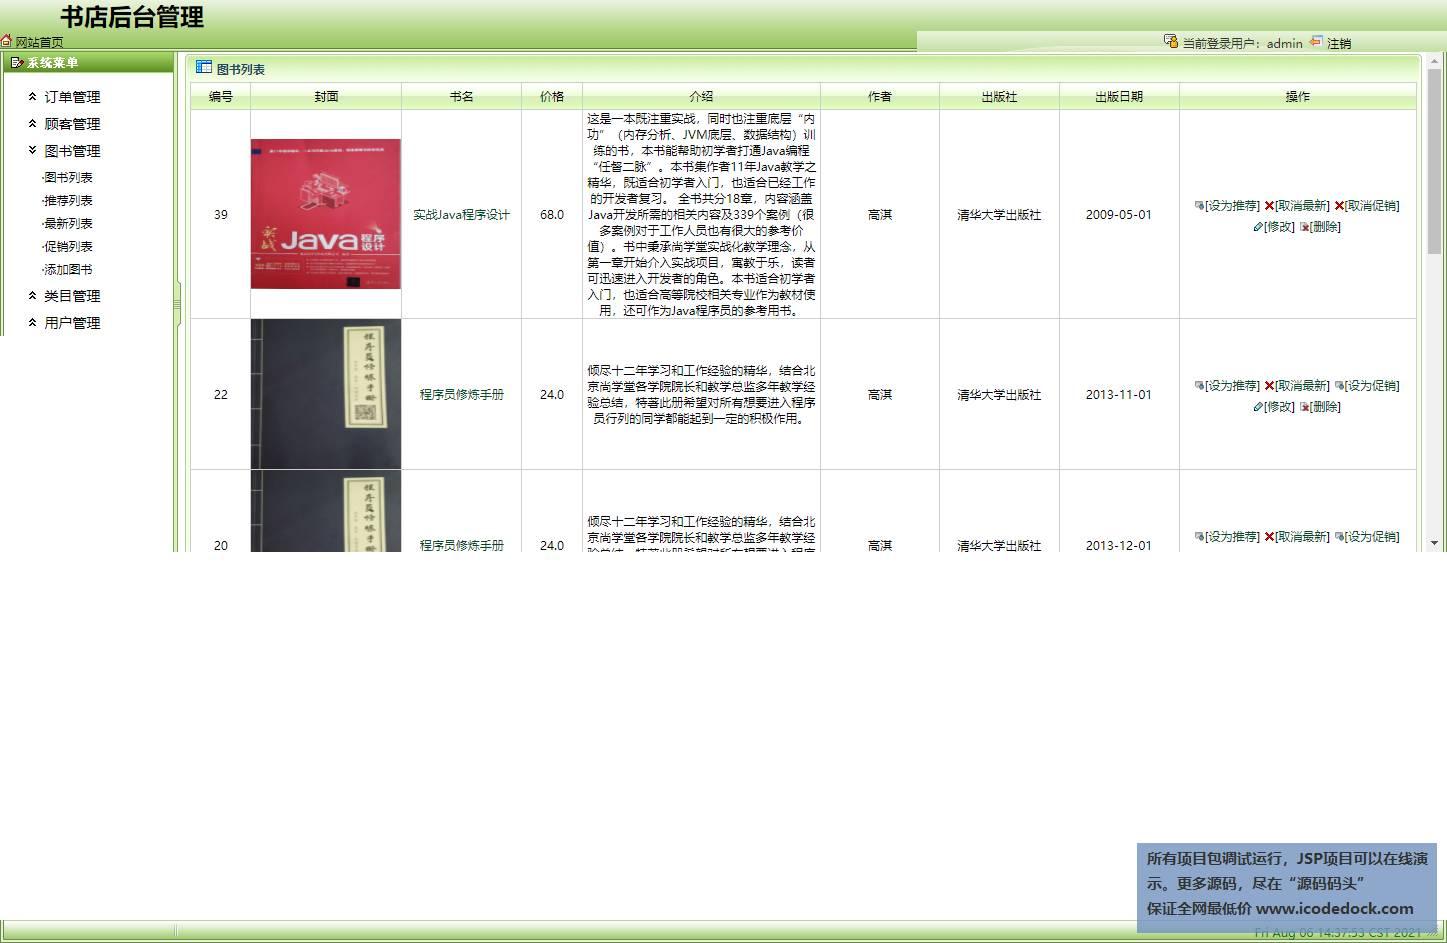 源码码头-SSH实现一个图书销售商场项目网站-管理员角色-图书管理